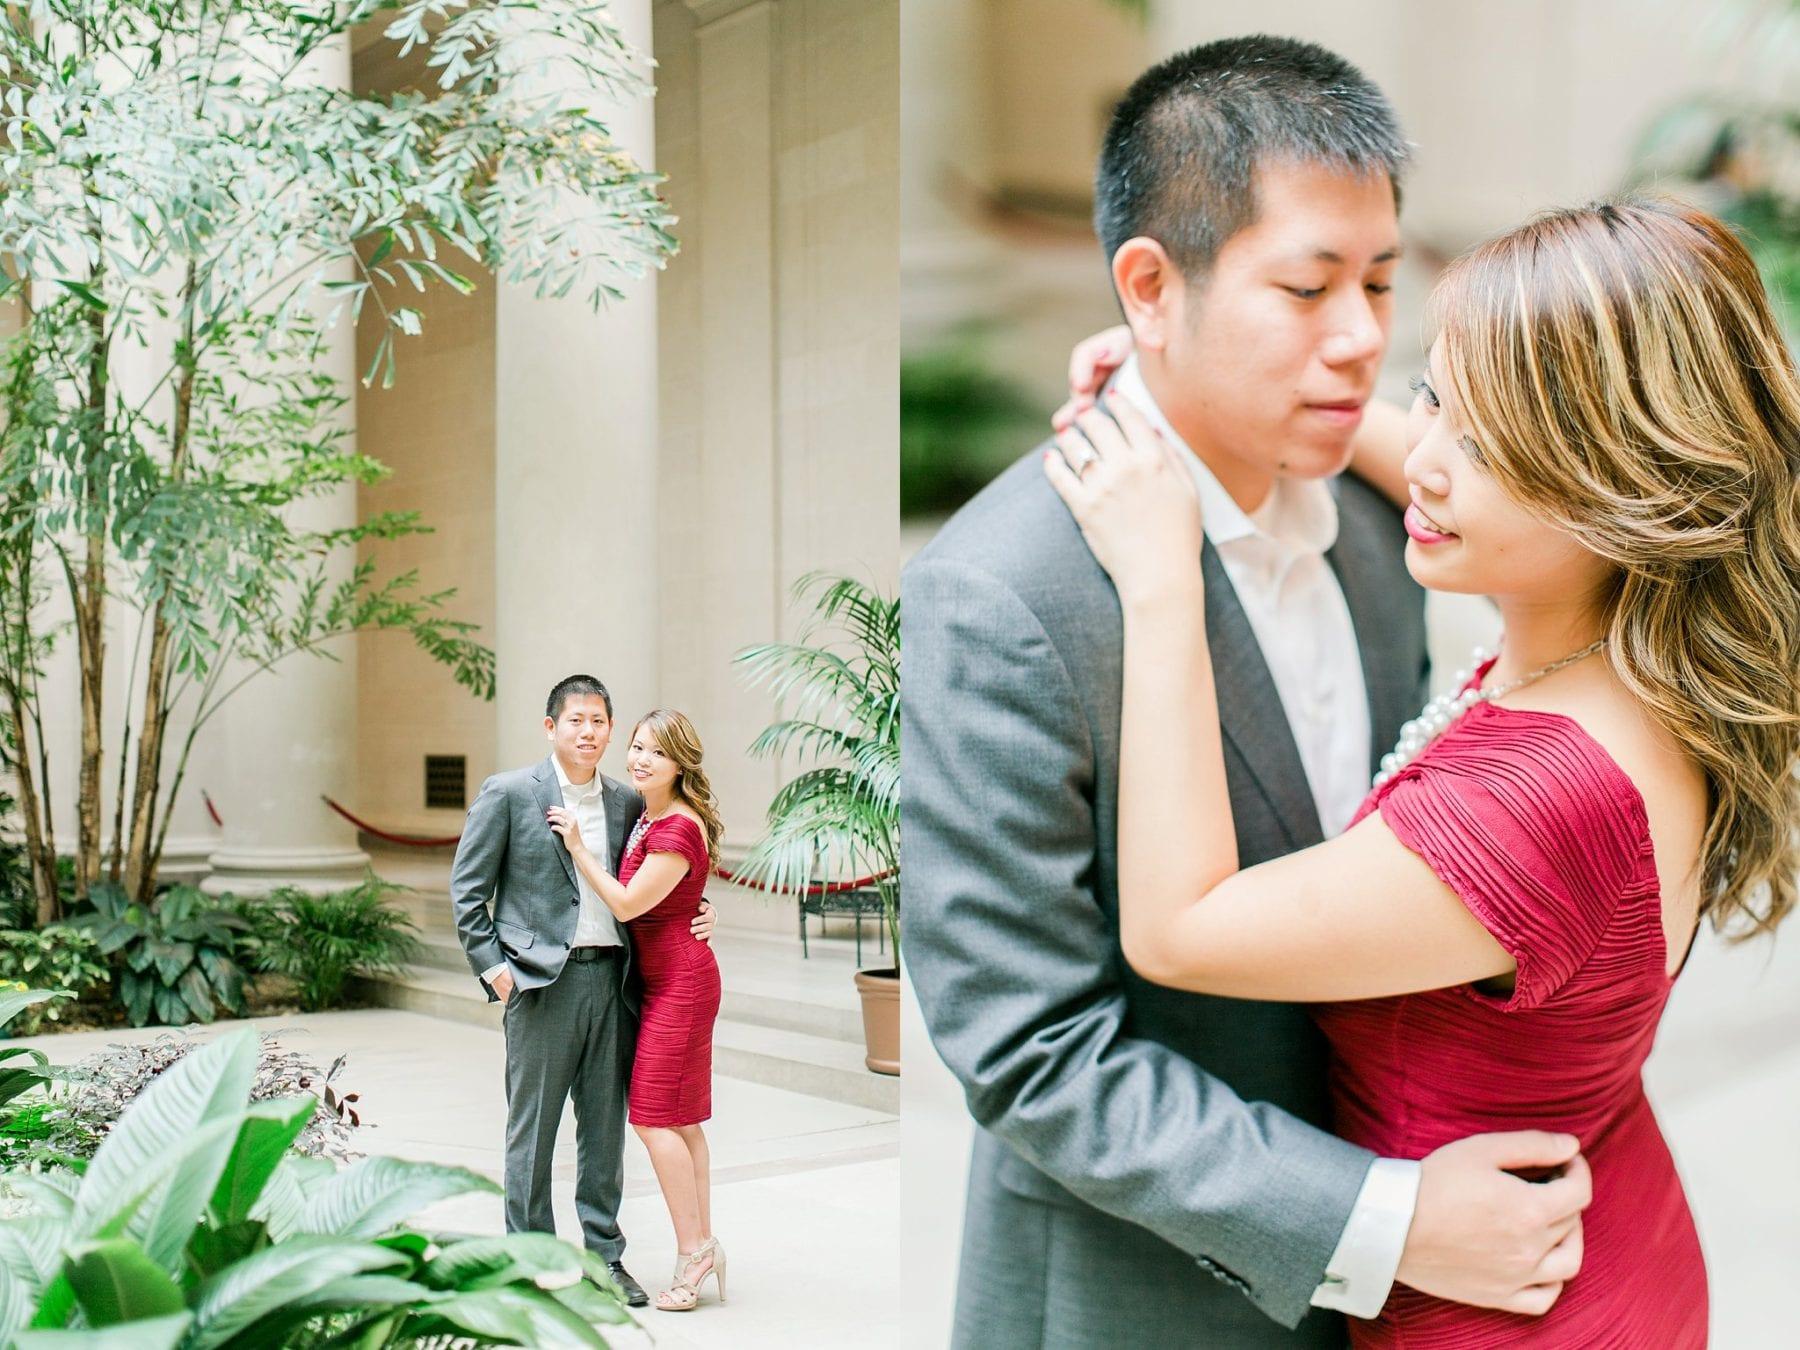 National Gallery of Art Engagement Photos Megan Kelsey Photography Washington DC Wedding Photographer Sy-yu & Anthony-151.jpg